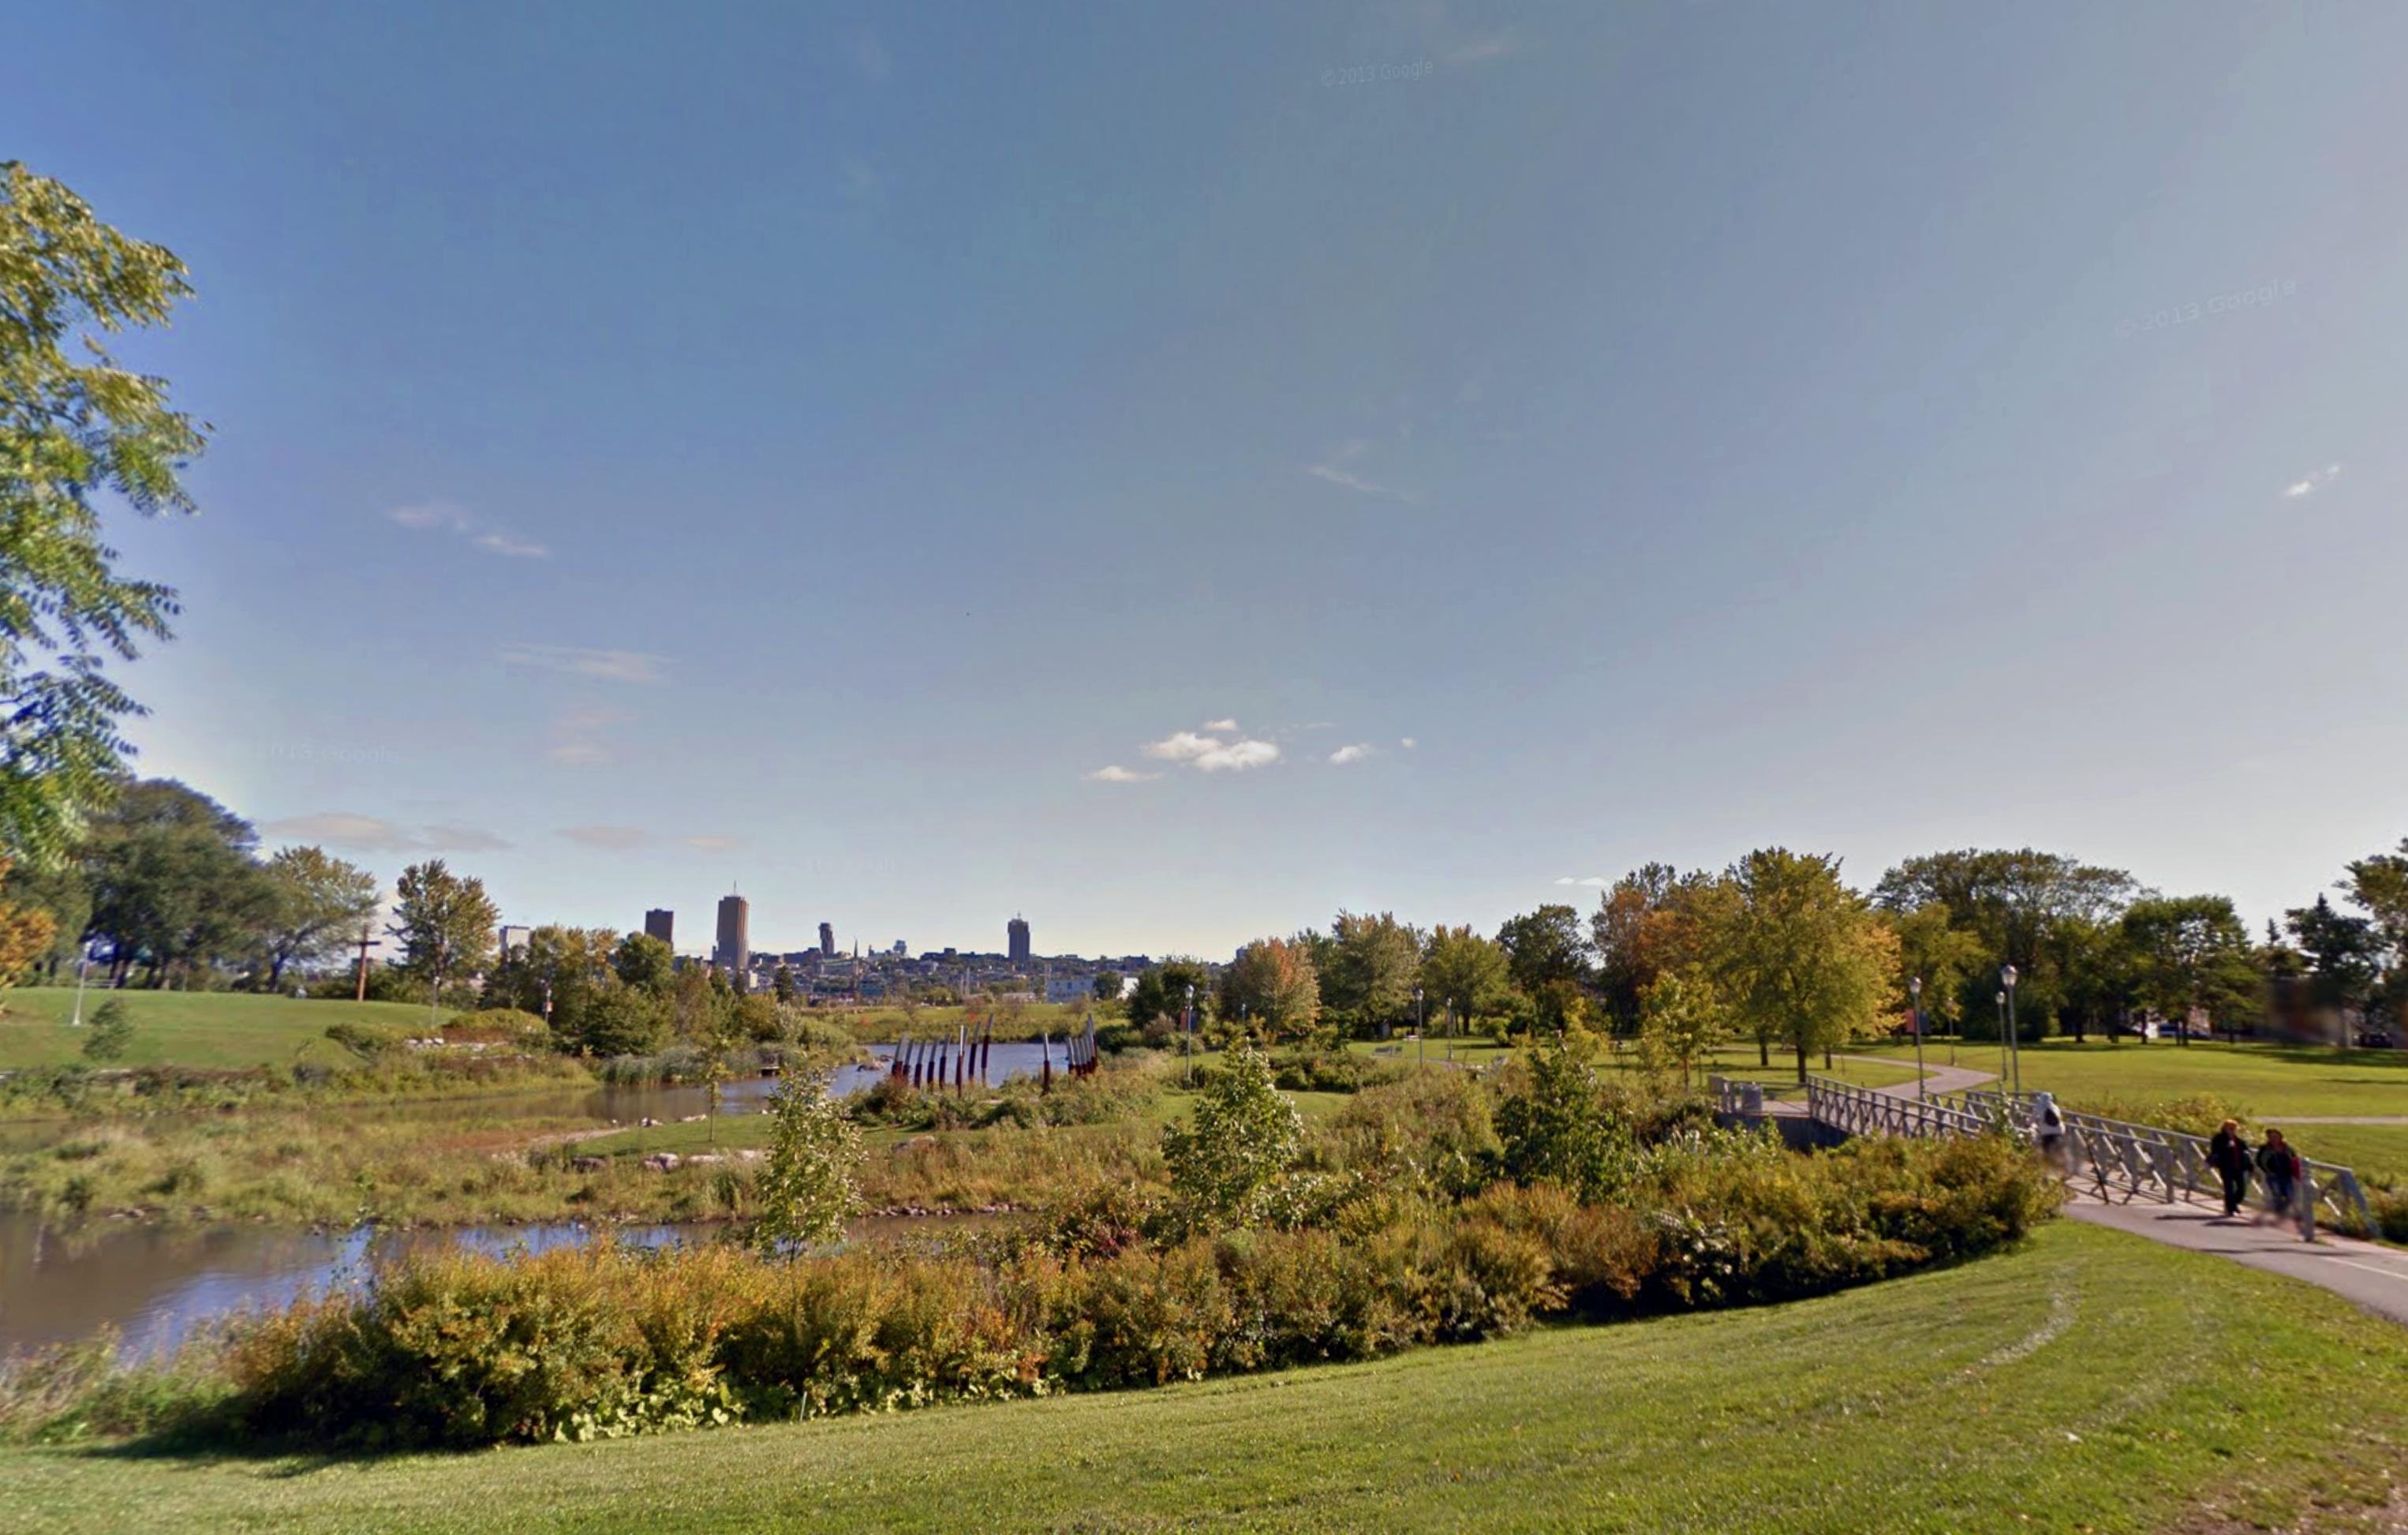 Les meilleurs endroits où courir à Québec, Parc Linéaire de la rivière Saint-Charles